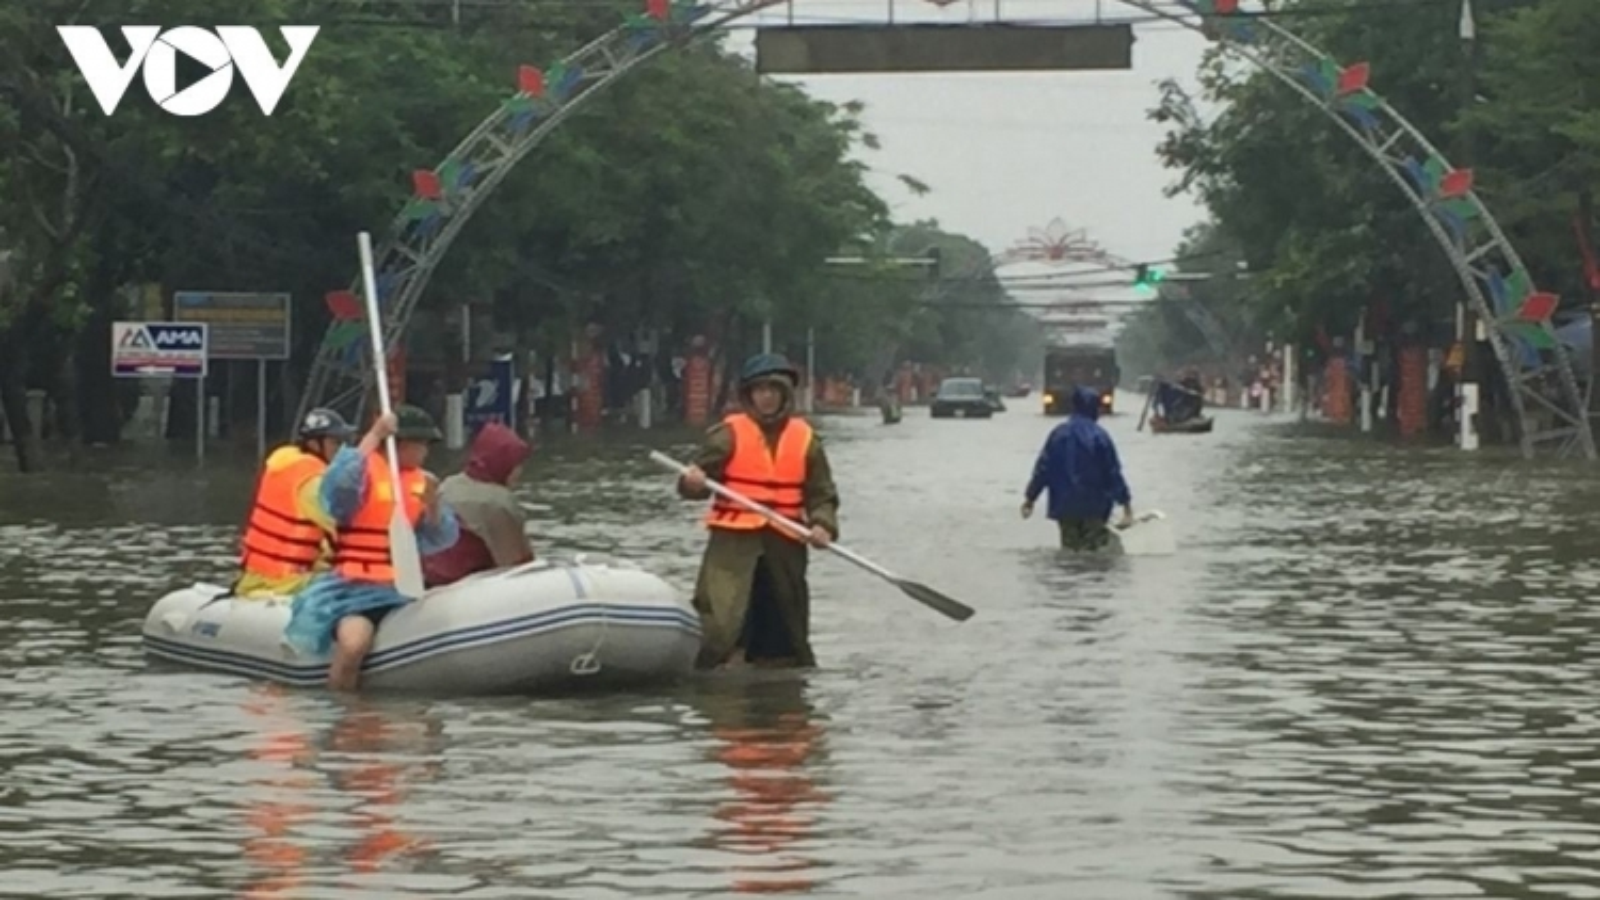 Hôm nay cả nước có mưa, Bắc Trung Bộ có mưa rất to